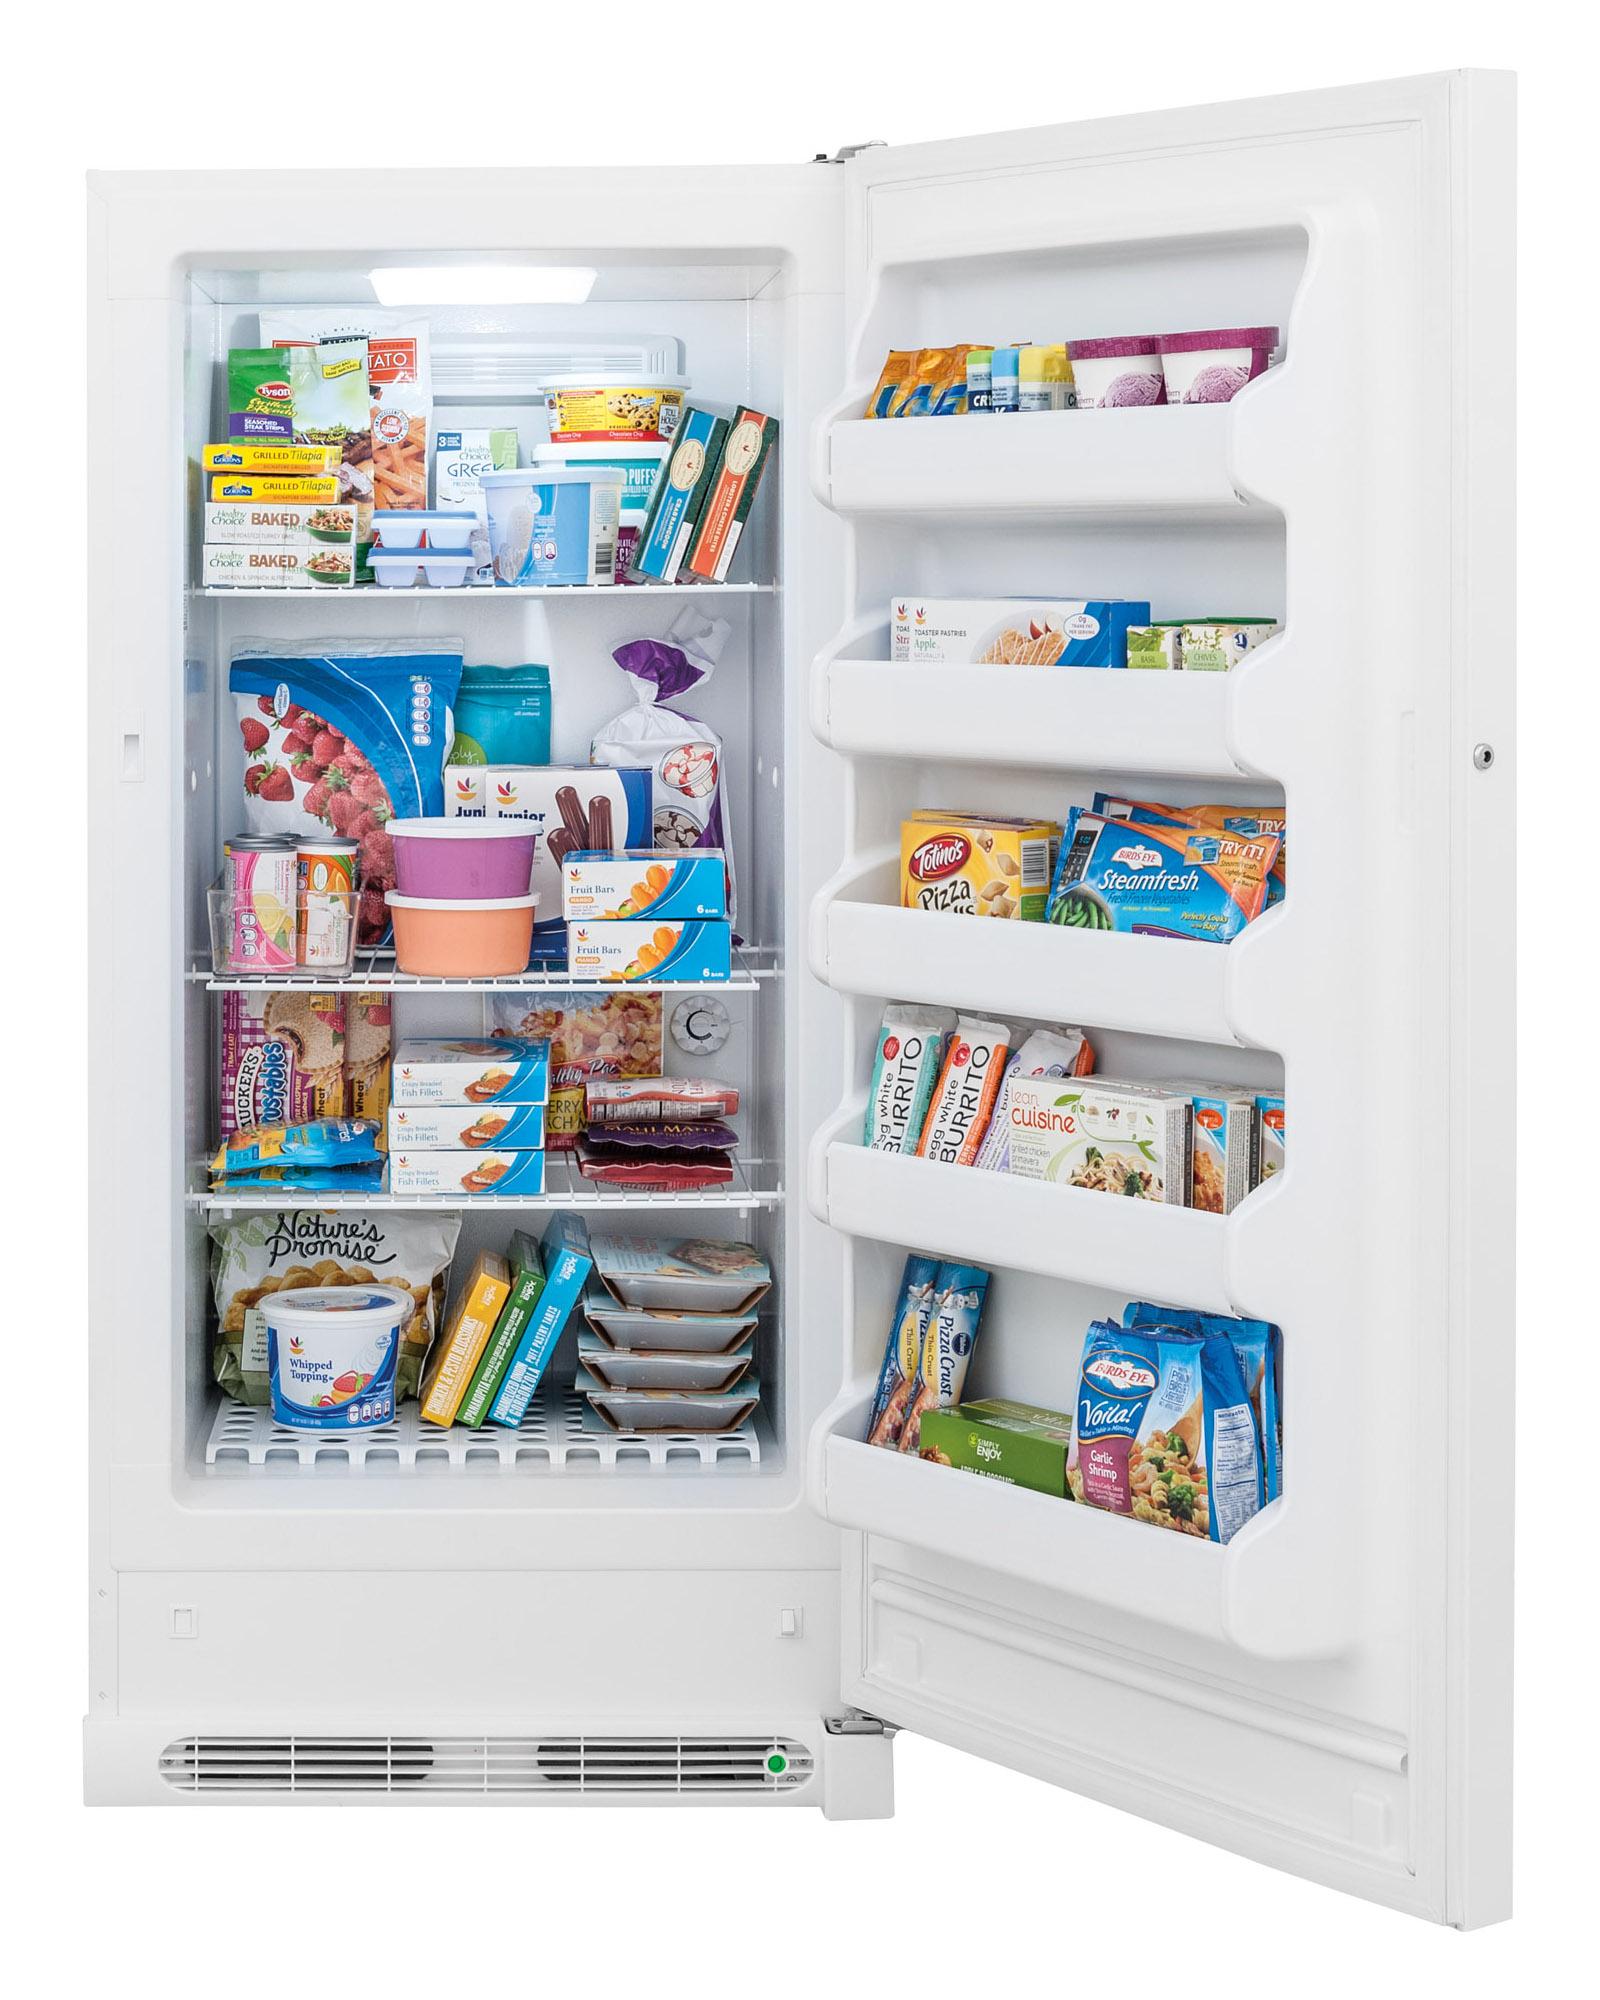 Frigidaire FFFU14F2QW 13.8 cu. ft. Upright Freezer - White